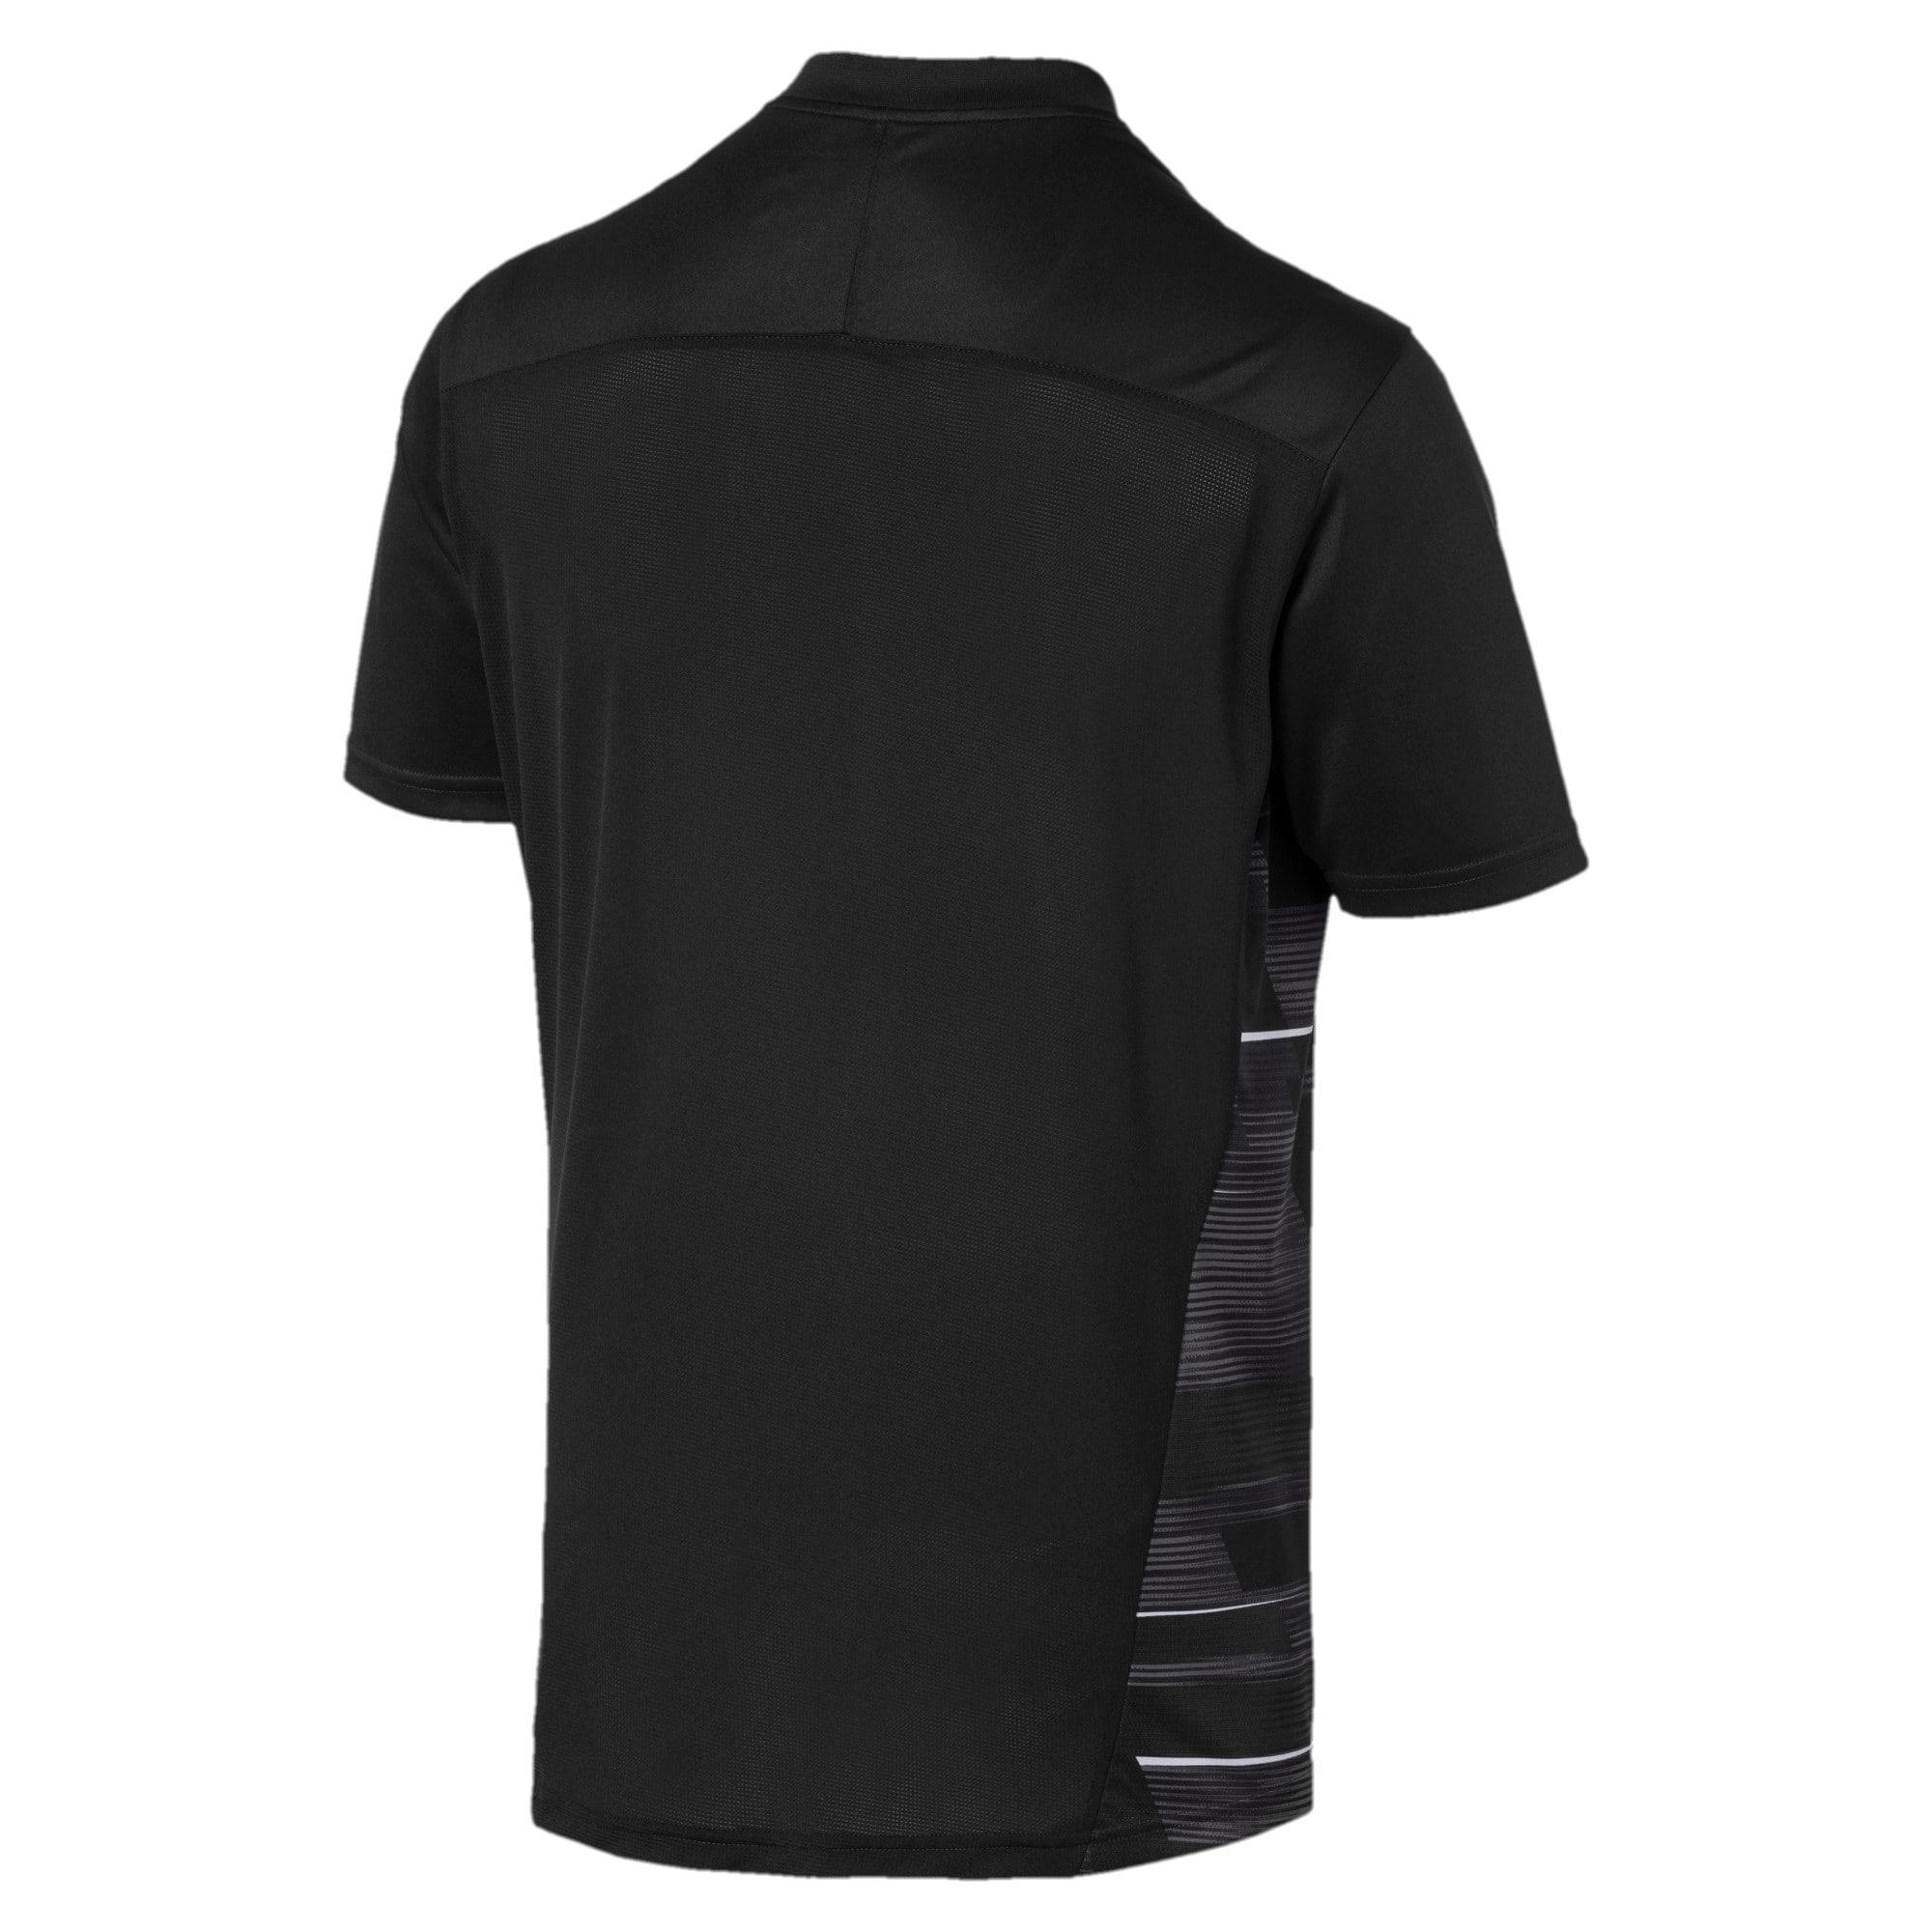 Miniatura 5 de Camiseta estampada ftblNXT para hombre, Puma Black-Phantom Black, mediano